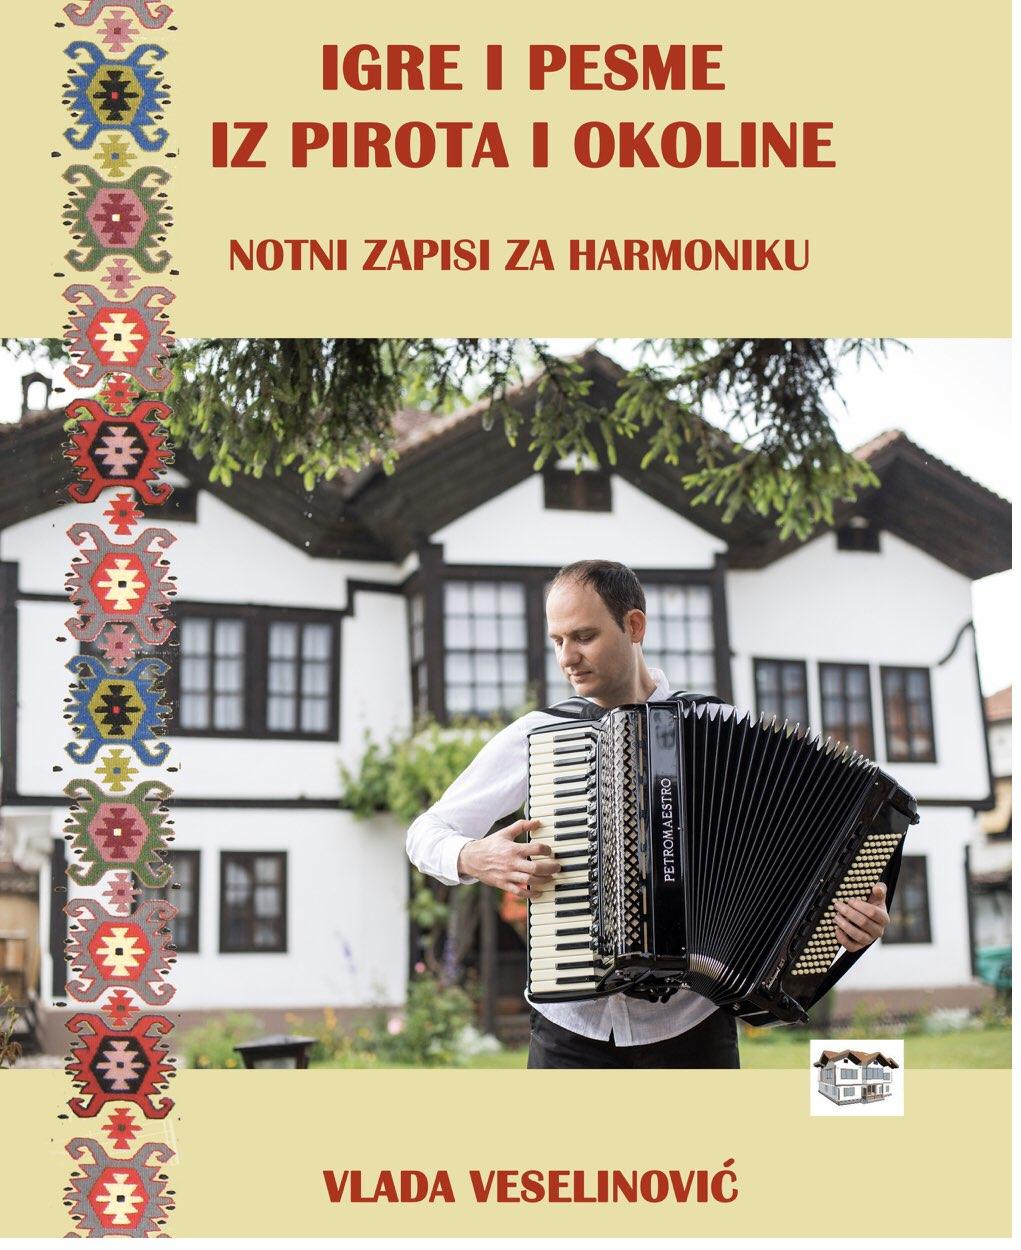 Photo of Igre i pesme iz Pirota i okoline – knjiga Vlade Veselinovića izašla iz štampe u izdanju Muzeja Ponišavlja